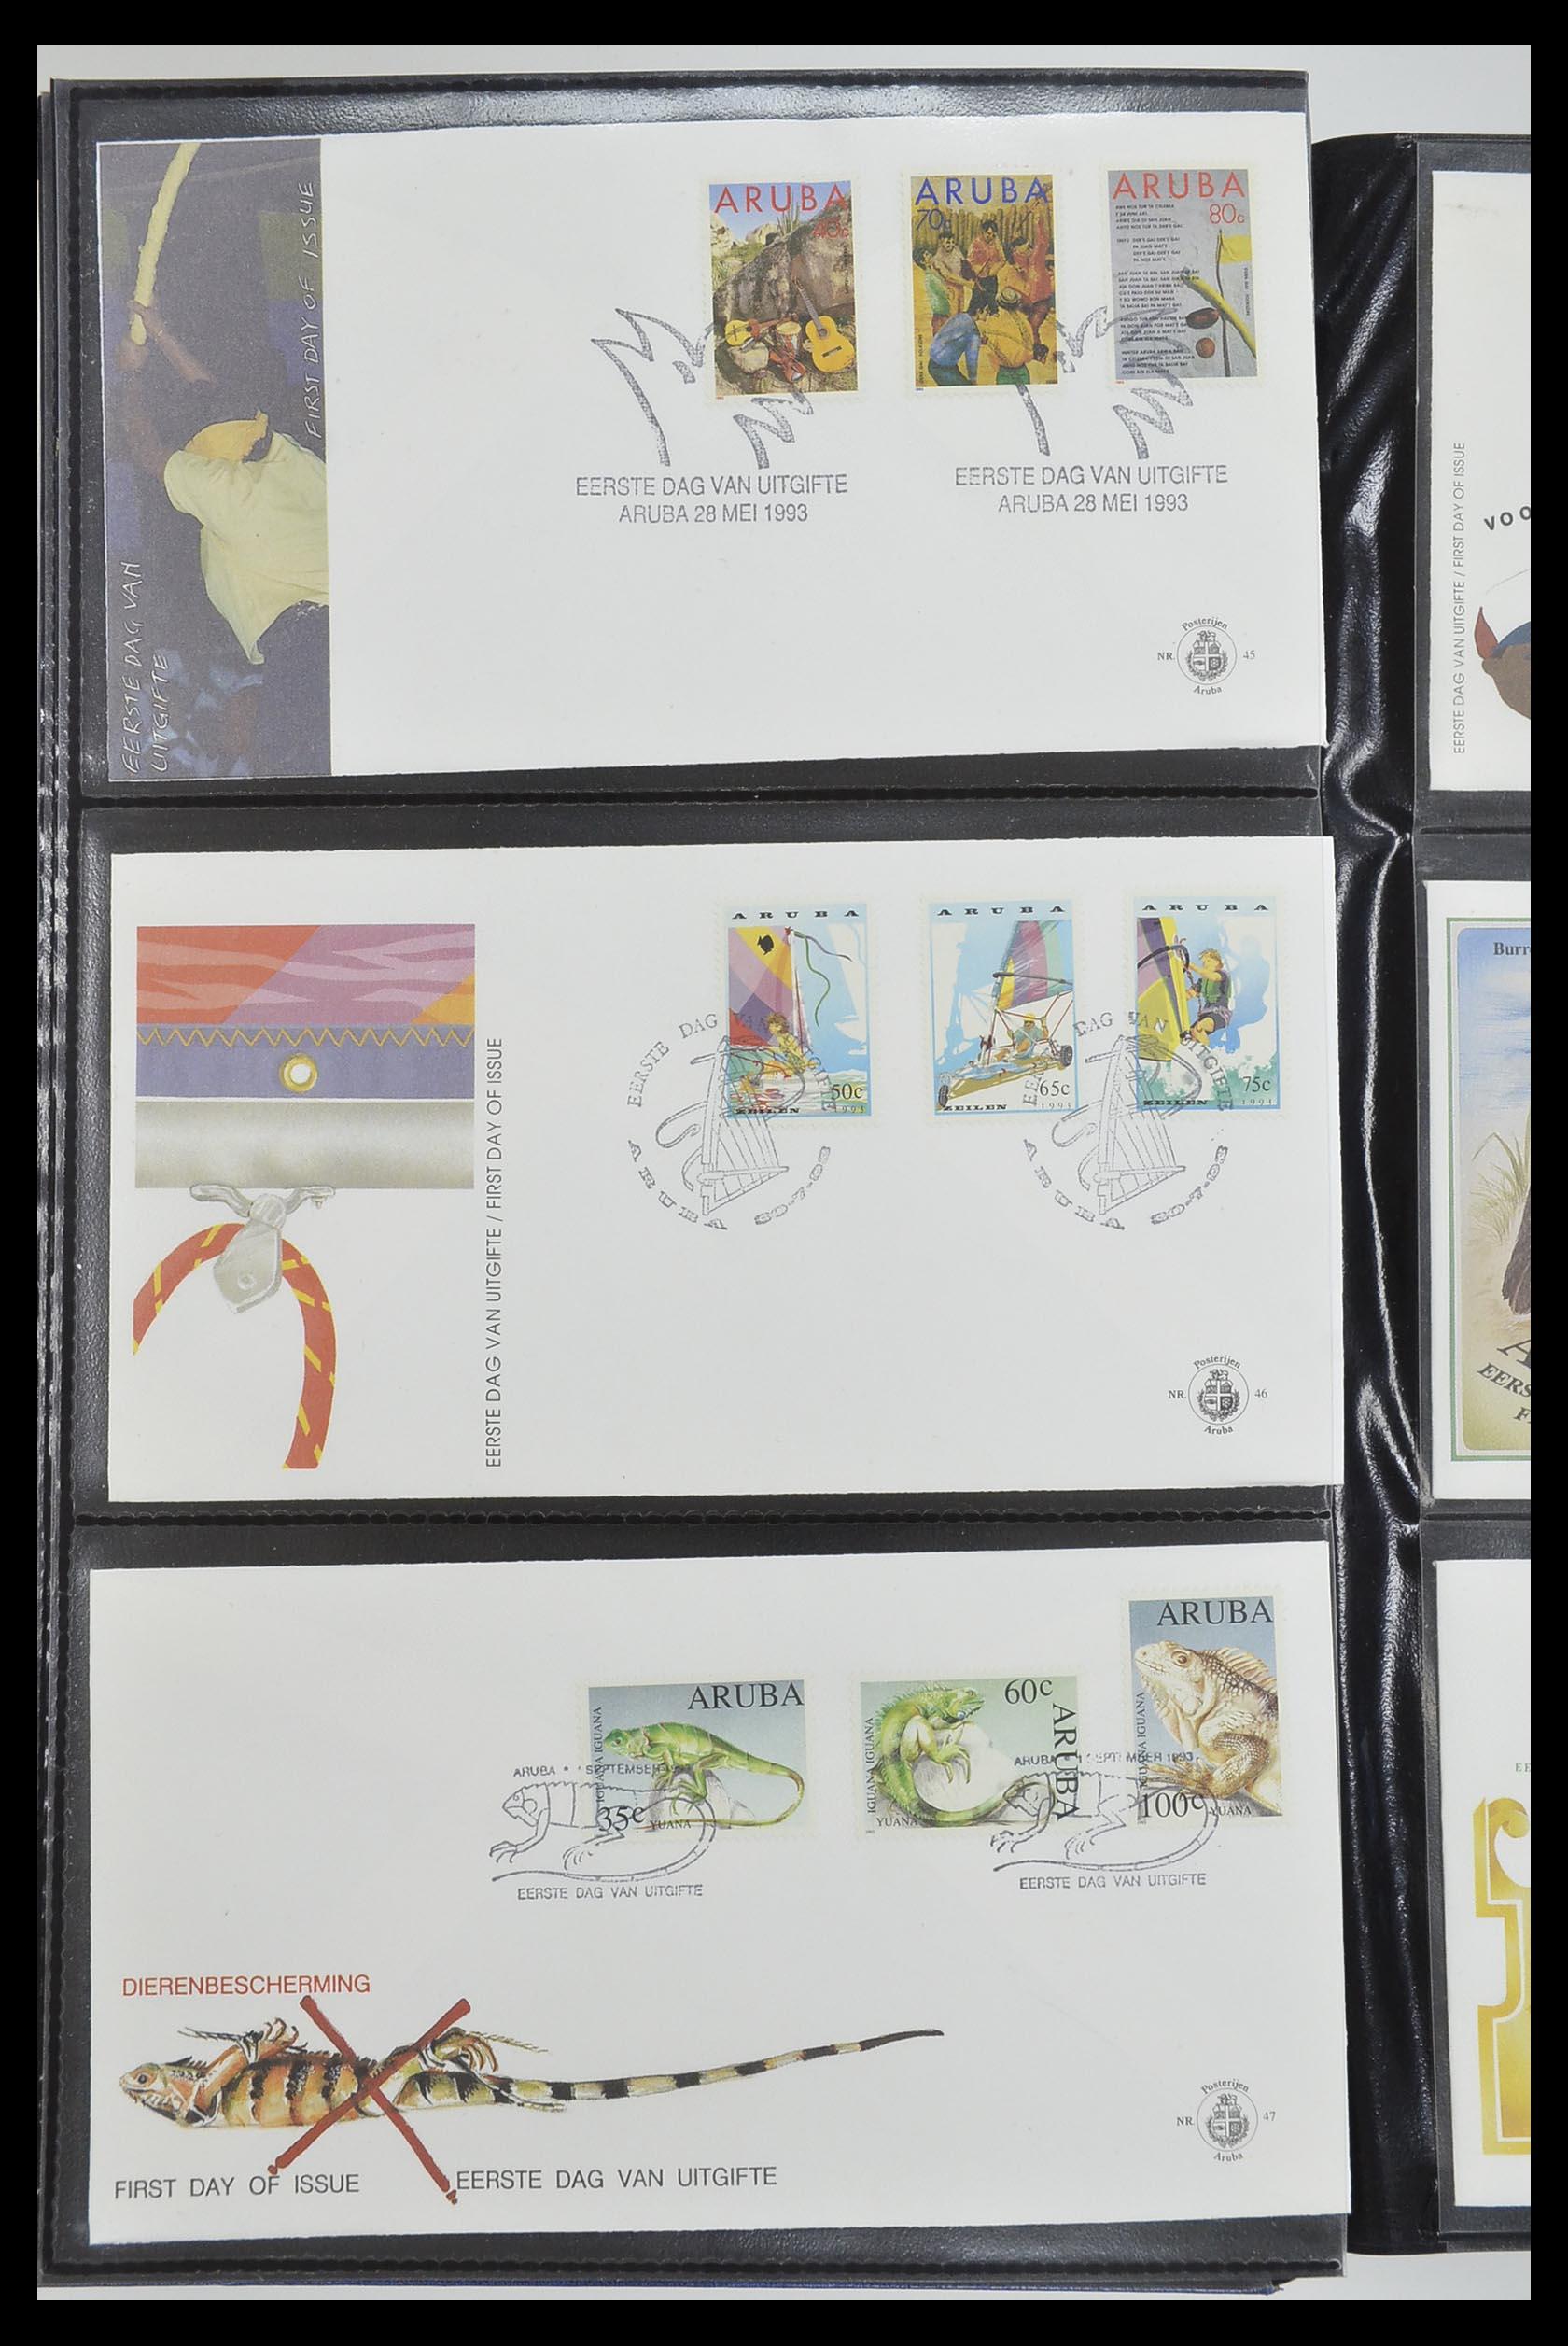 33585 016 - Postzegelverzameling 33585 Aruba FDC's 1986-2006.